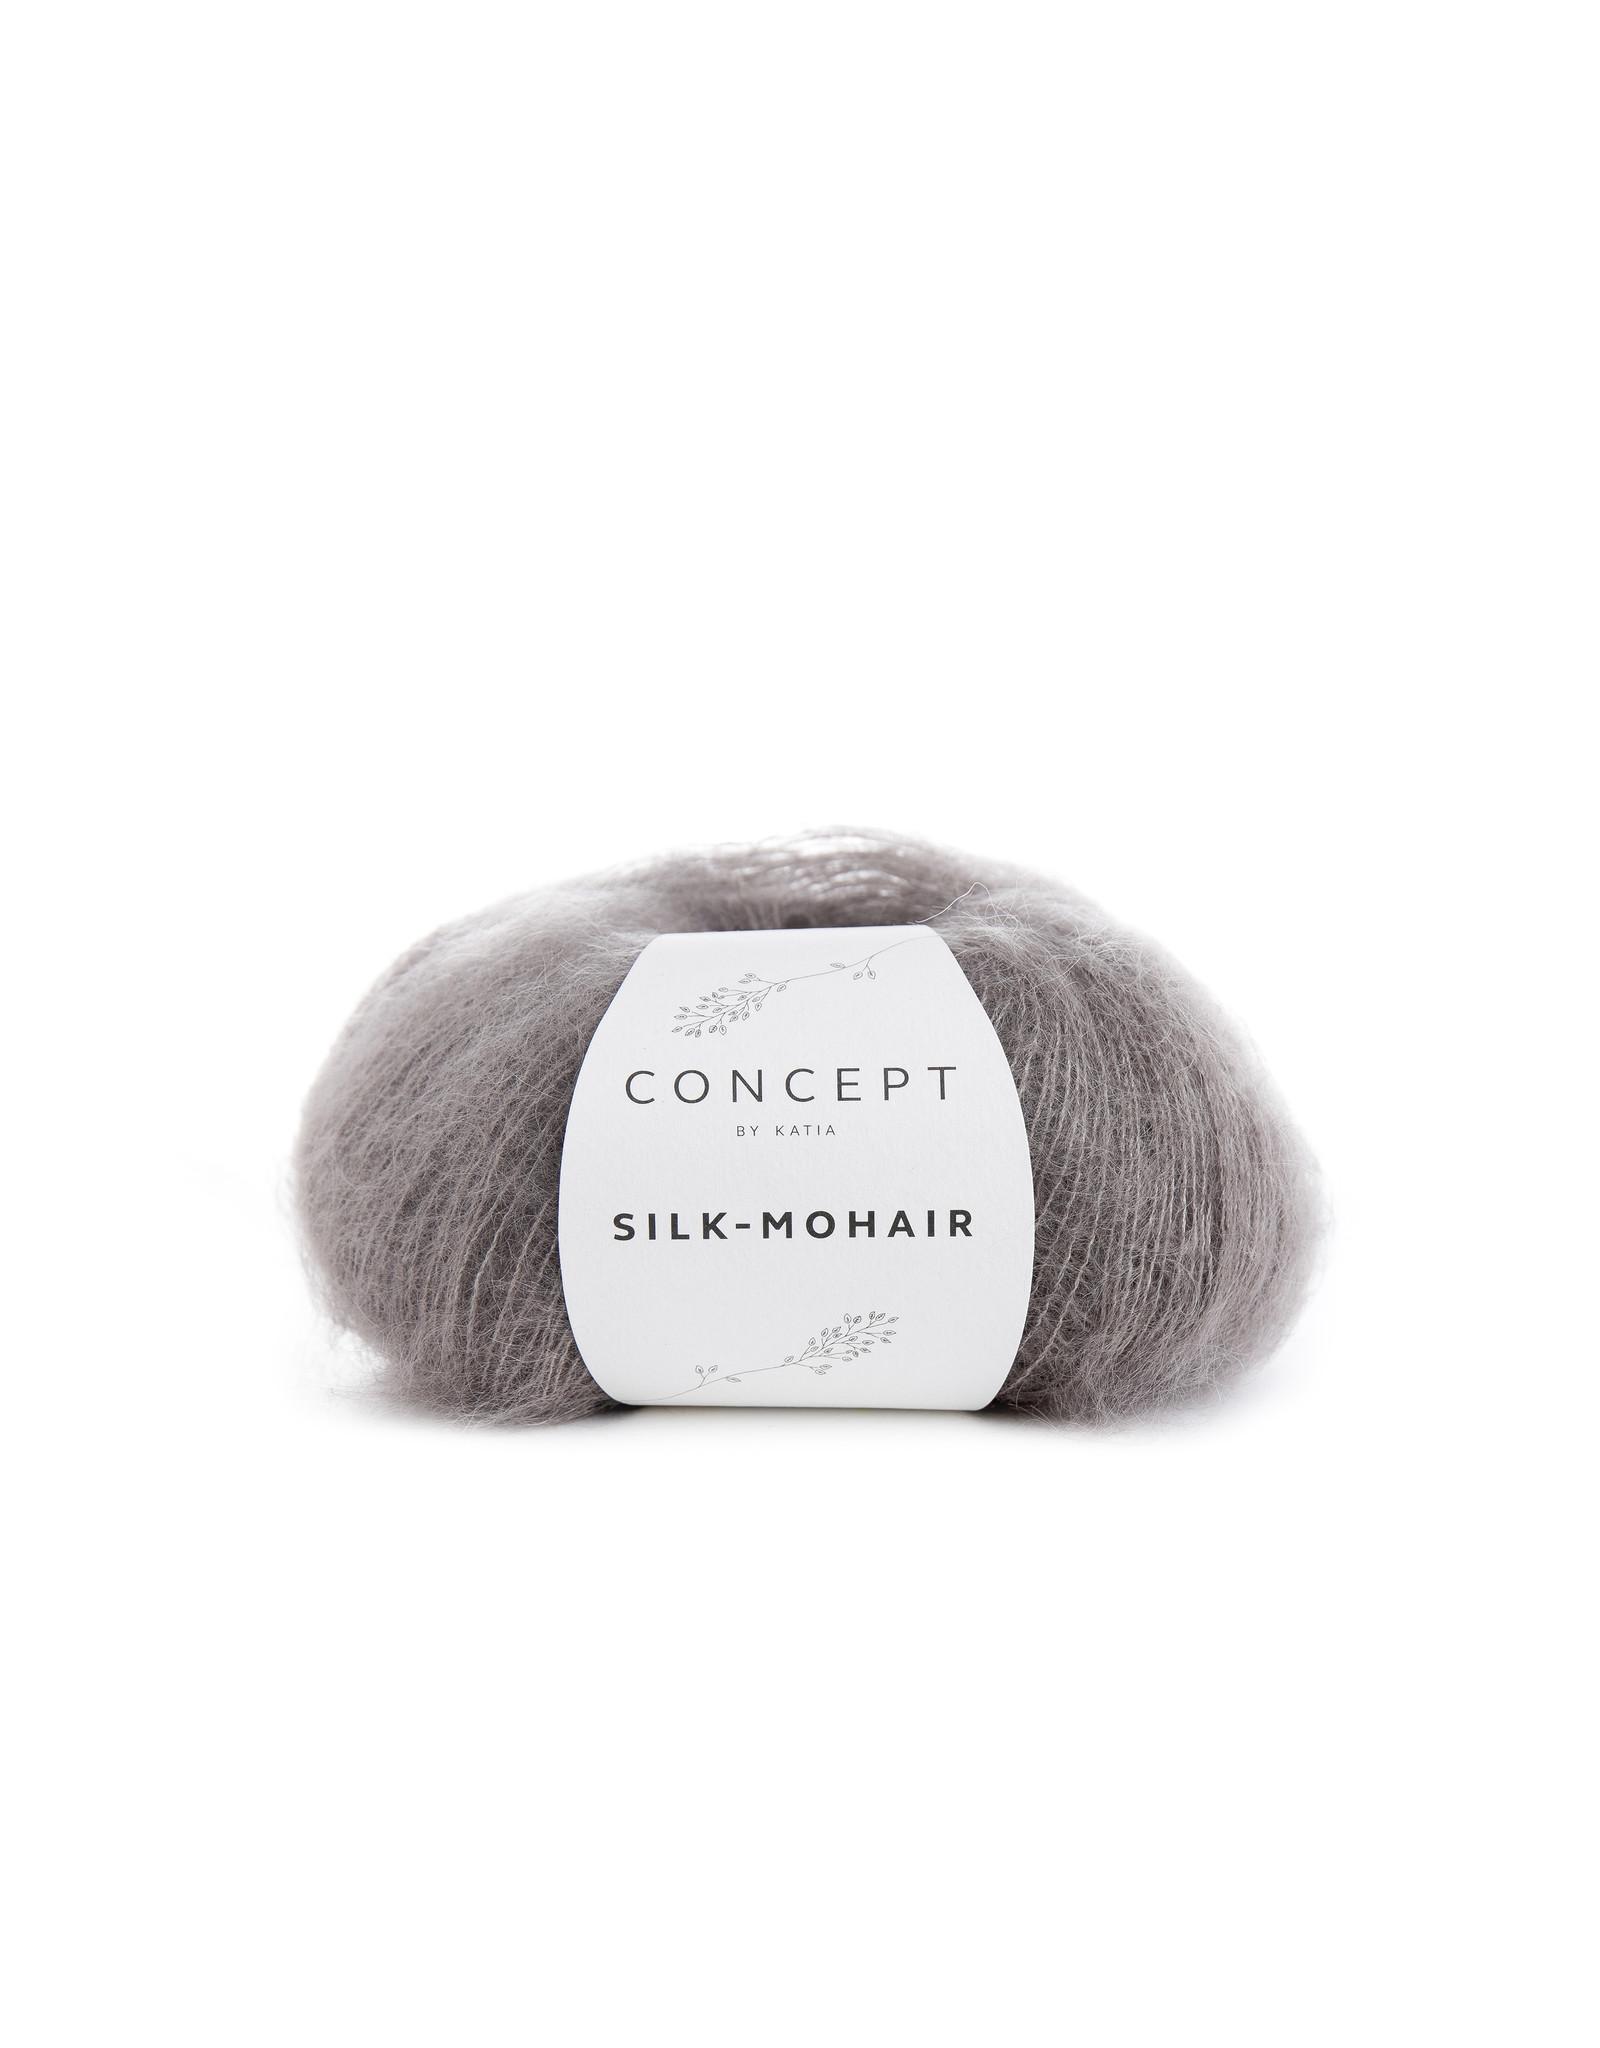 Katia Concept Silk Mohair